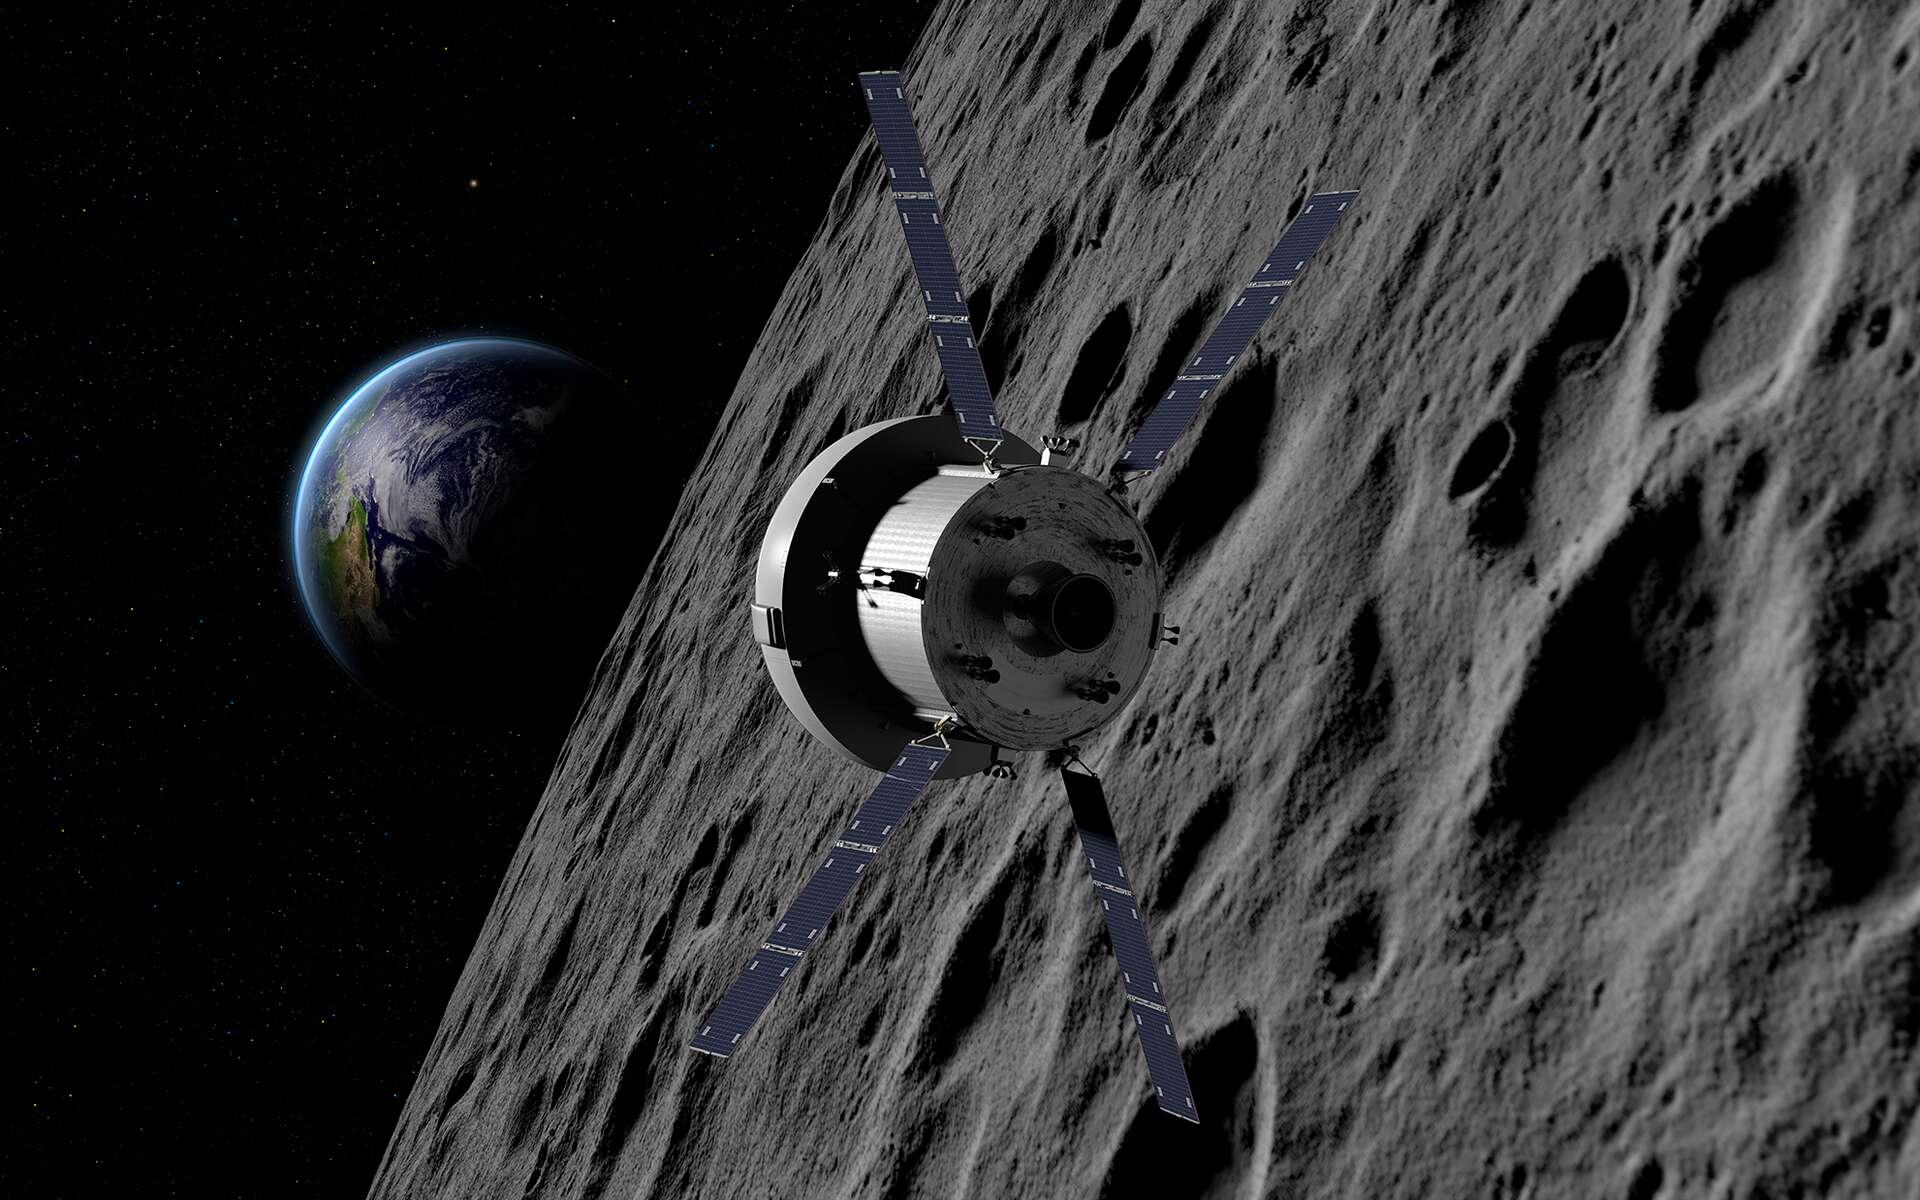 Le véhicule Orion de la Nasa avec, au premier plan, le module de service fourni par l'Agence spatiale européenne et construit par Airbus. Notez que le moteur principal de ce module a été récupéré sur une navette spatiale de la Nasa ! Il s'agit d'un des deux moteurs de l'Orbiting Maneuvering System, que les navettes utilisaient pour leurs manœuvres orbitales. © Nasa